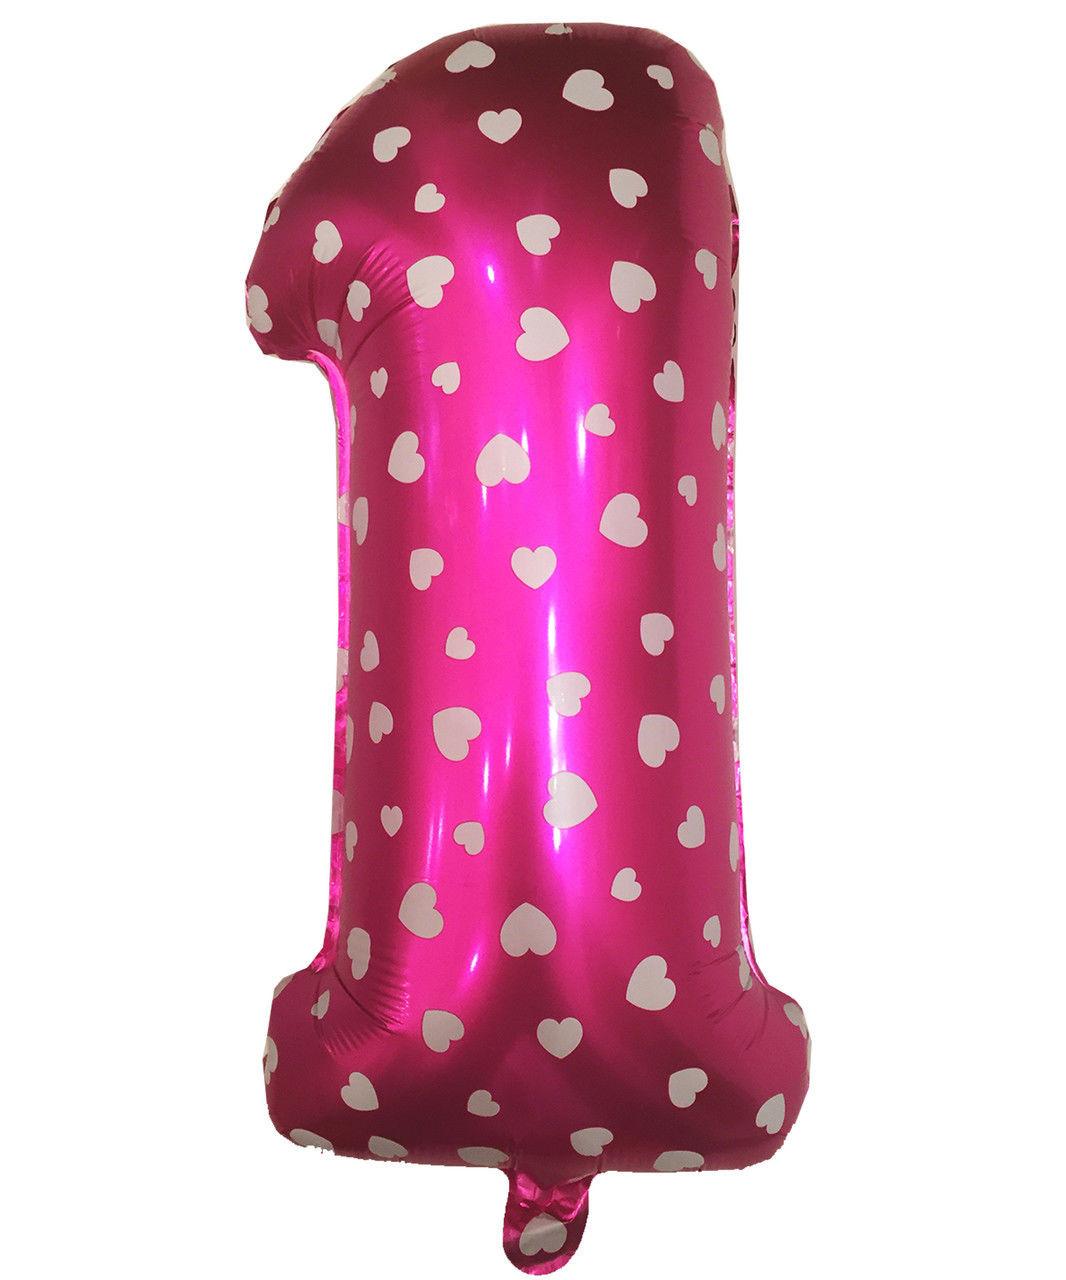 """Фольгированный шар цифра """"1"""" розовый с сердечками, высота 70 см"""